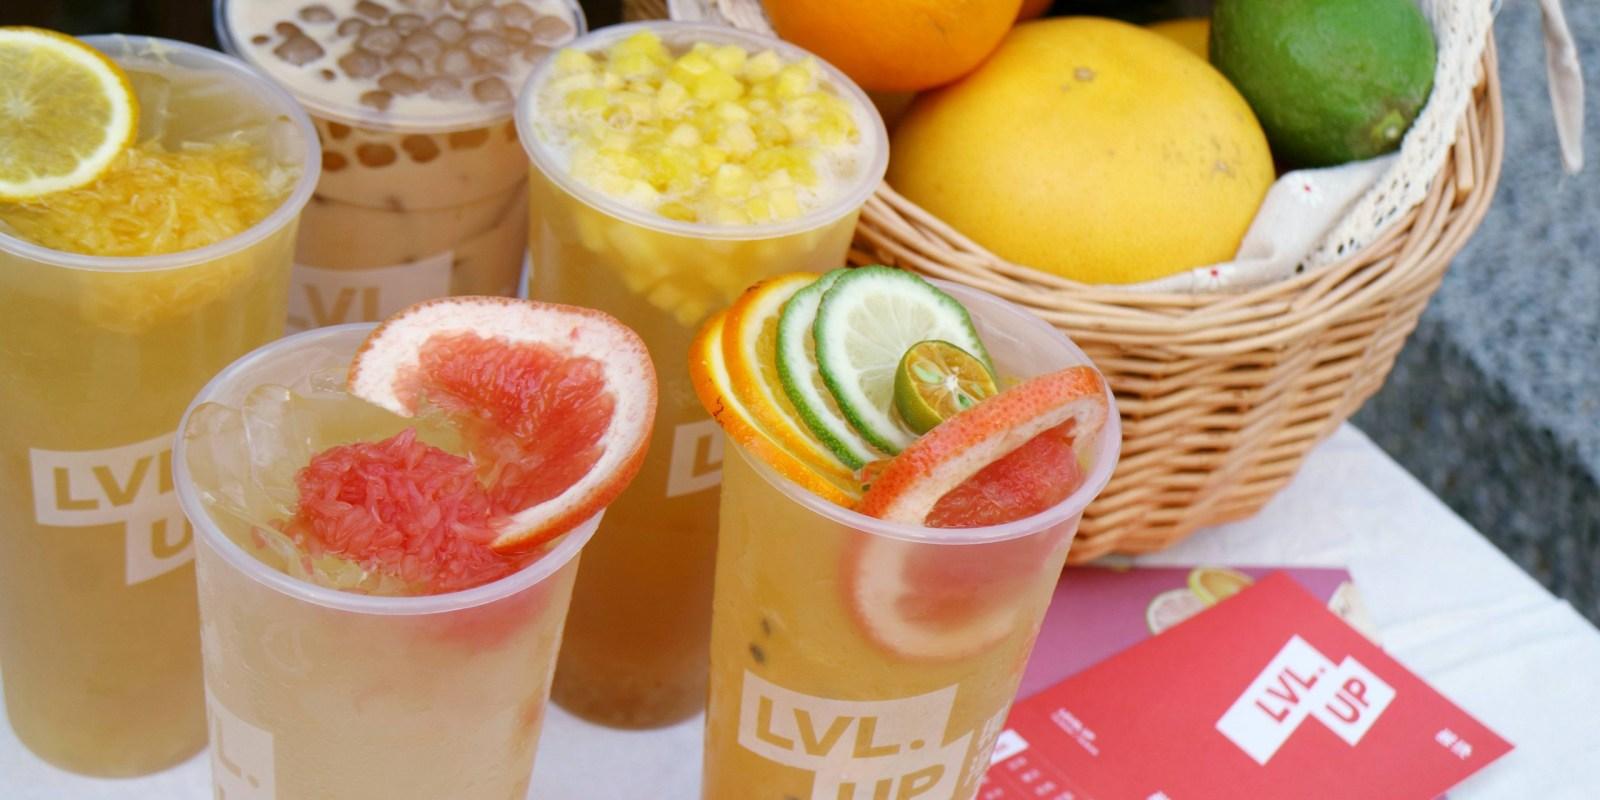 台南 民族路赤崁樓|樂浮茶飲 Level up|好喝茶飲與鮮榨果汁|手作Q彈黃金珍珠|風格質感手搖飲品